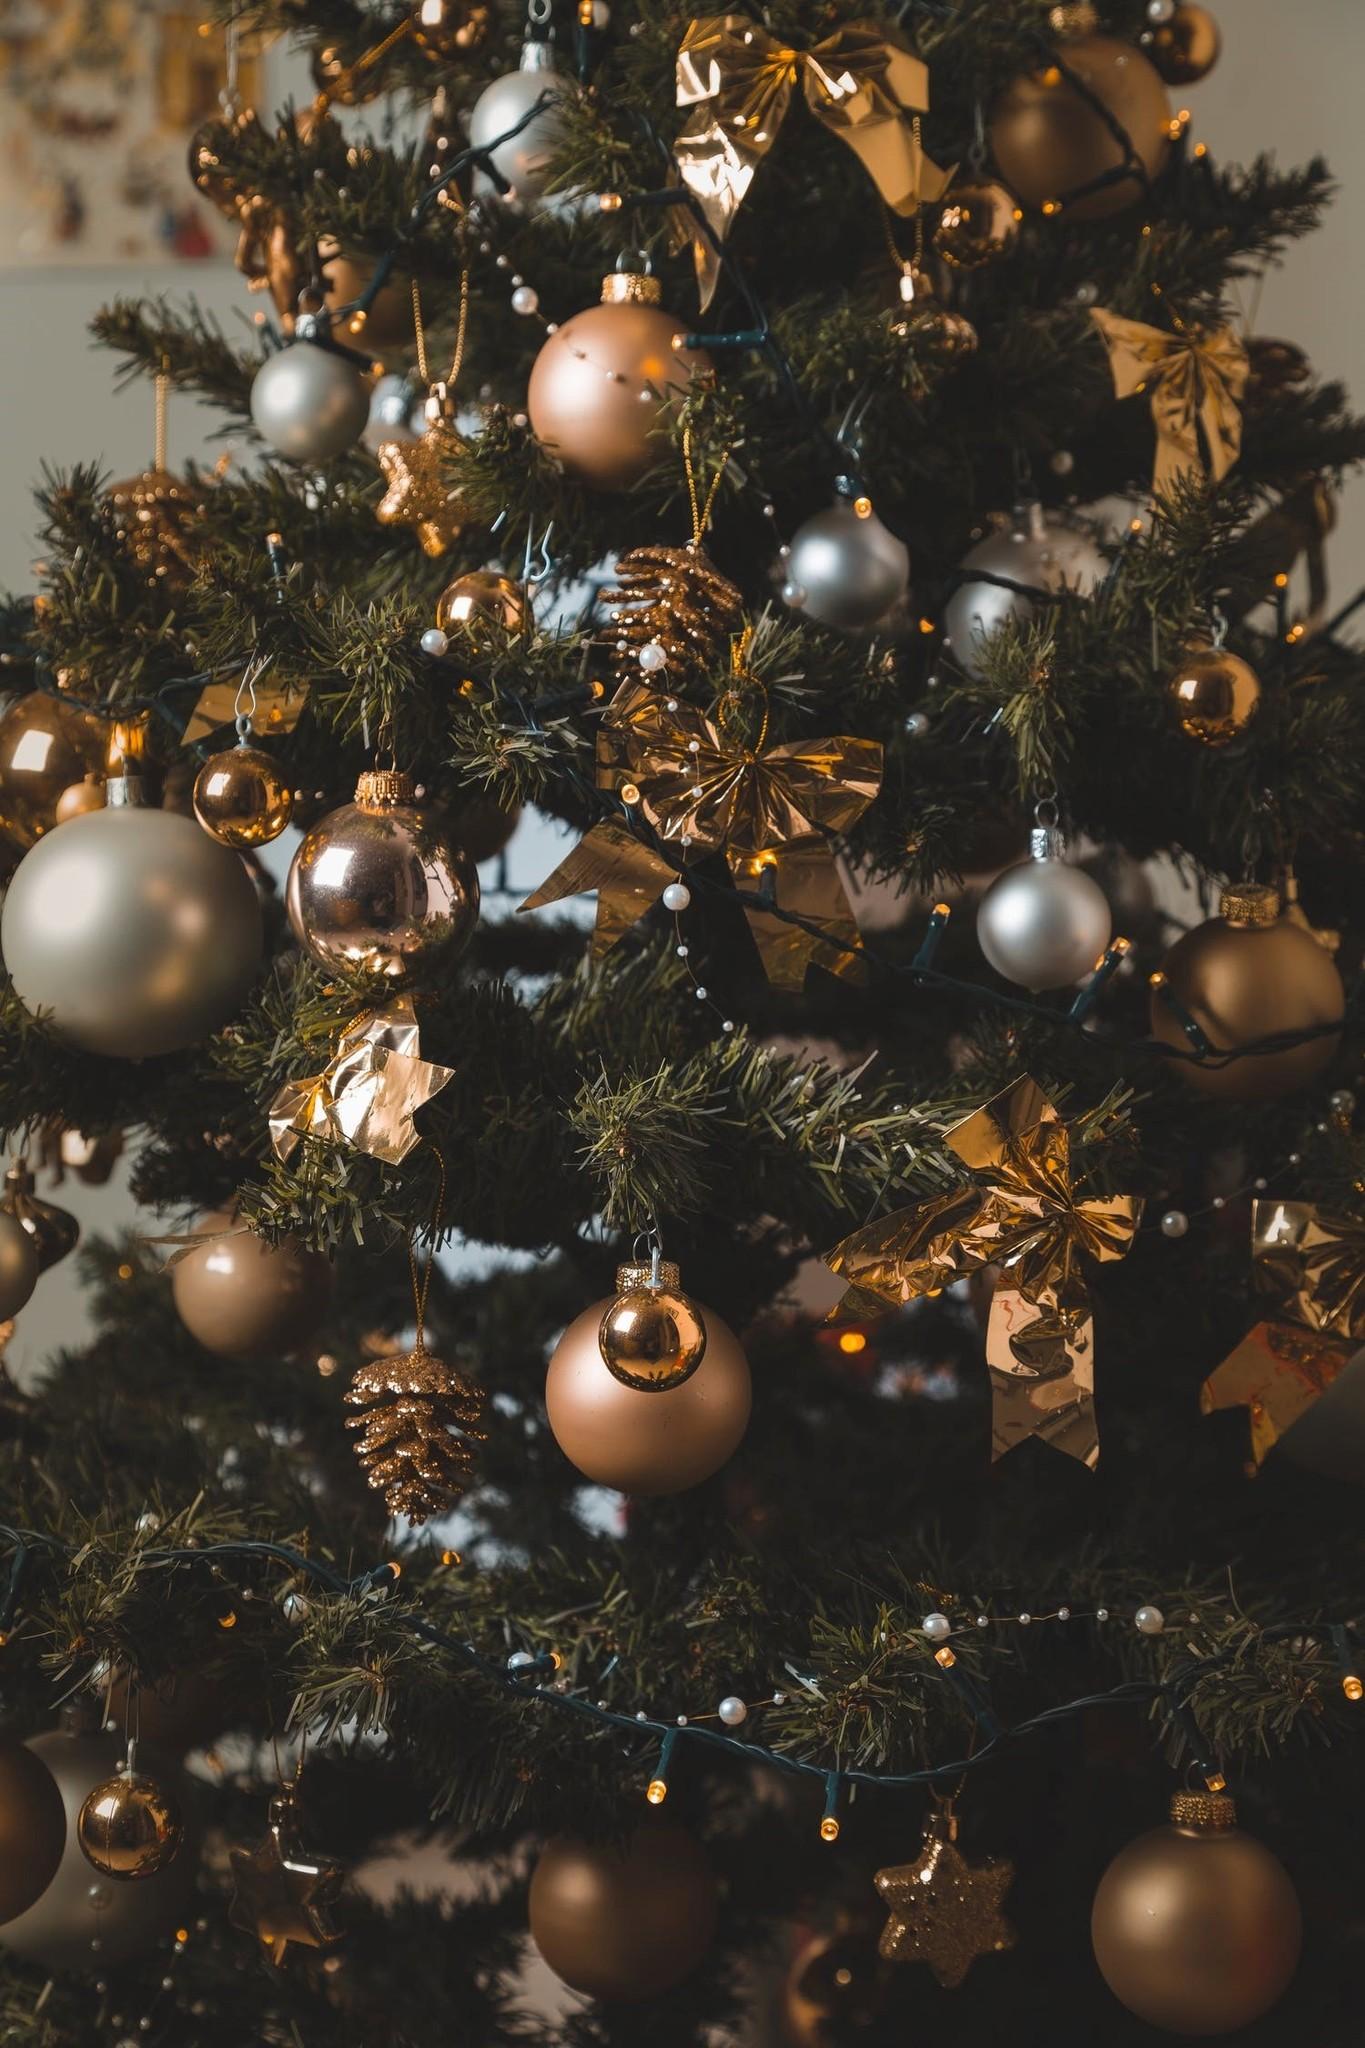 Kerstboom opgetuigd met of zonder twist?